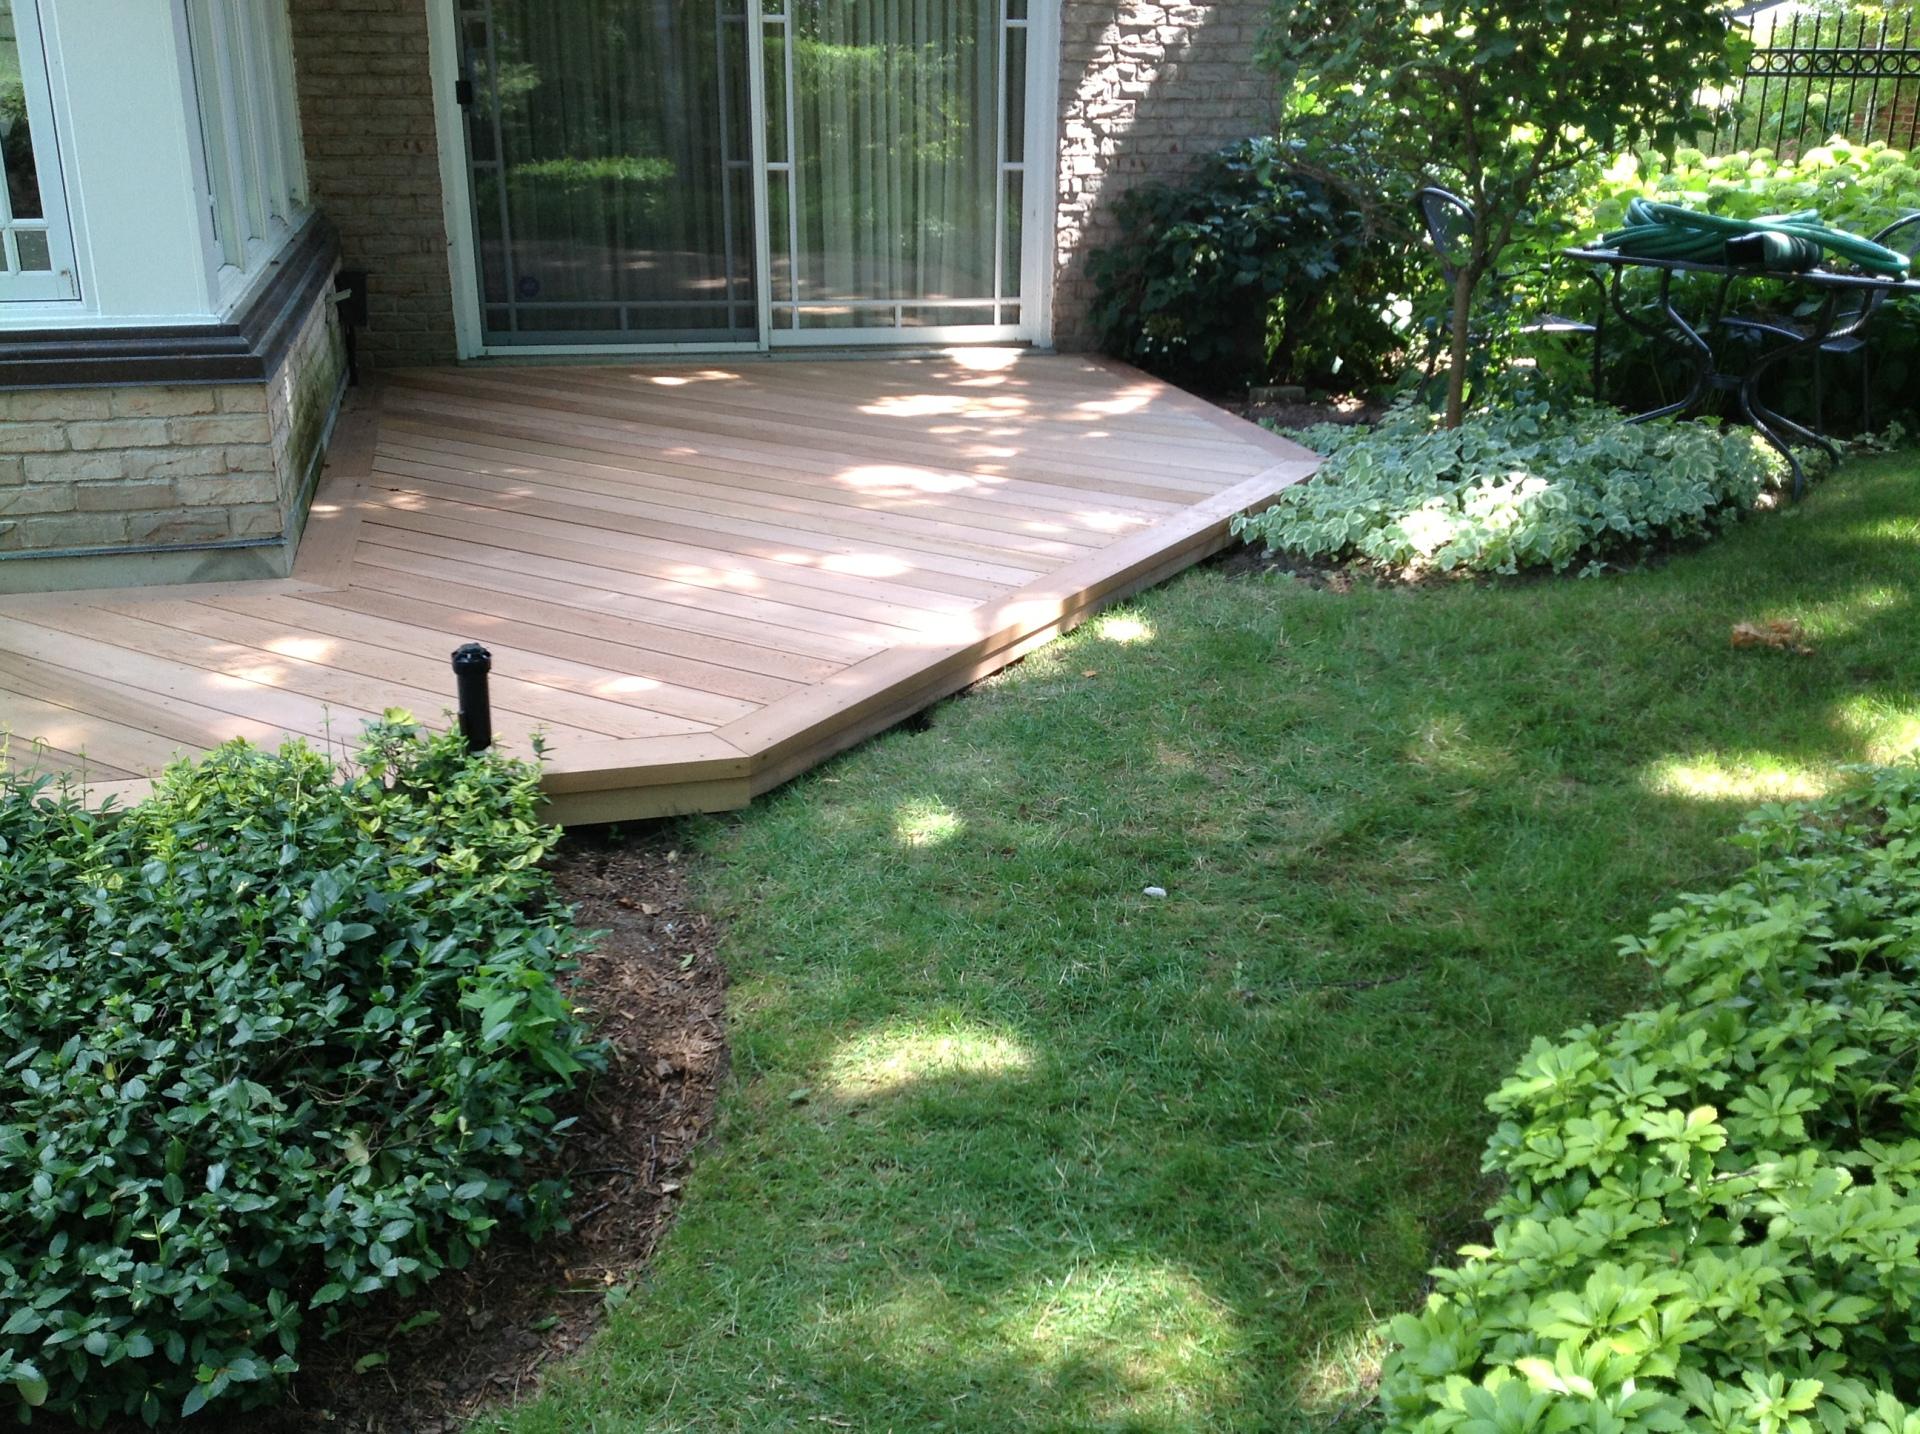 Cedar deck on angle